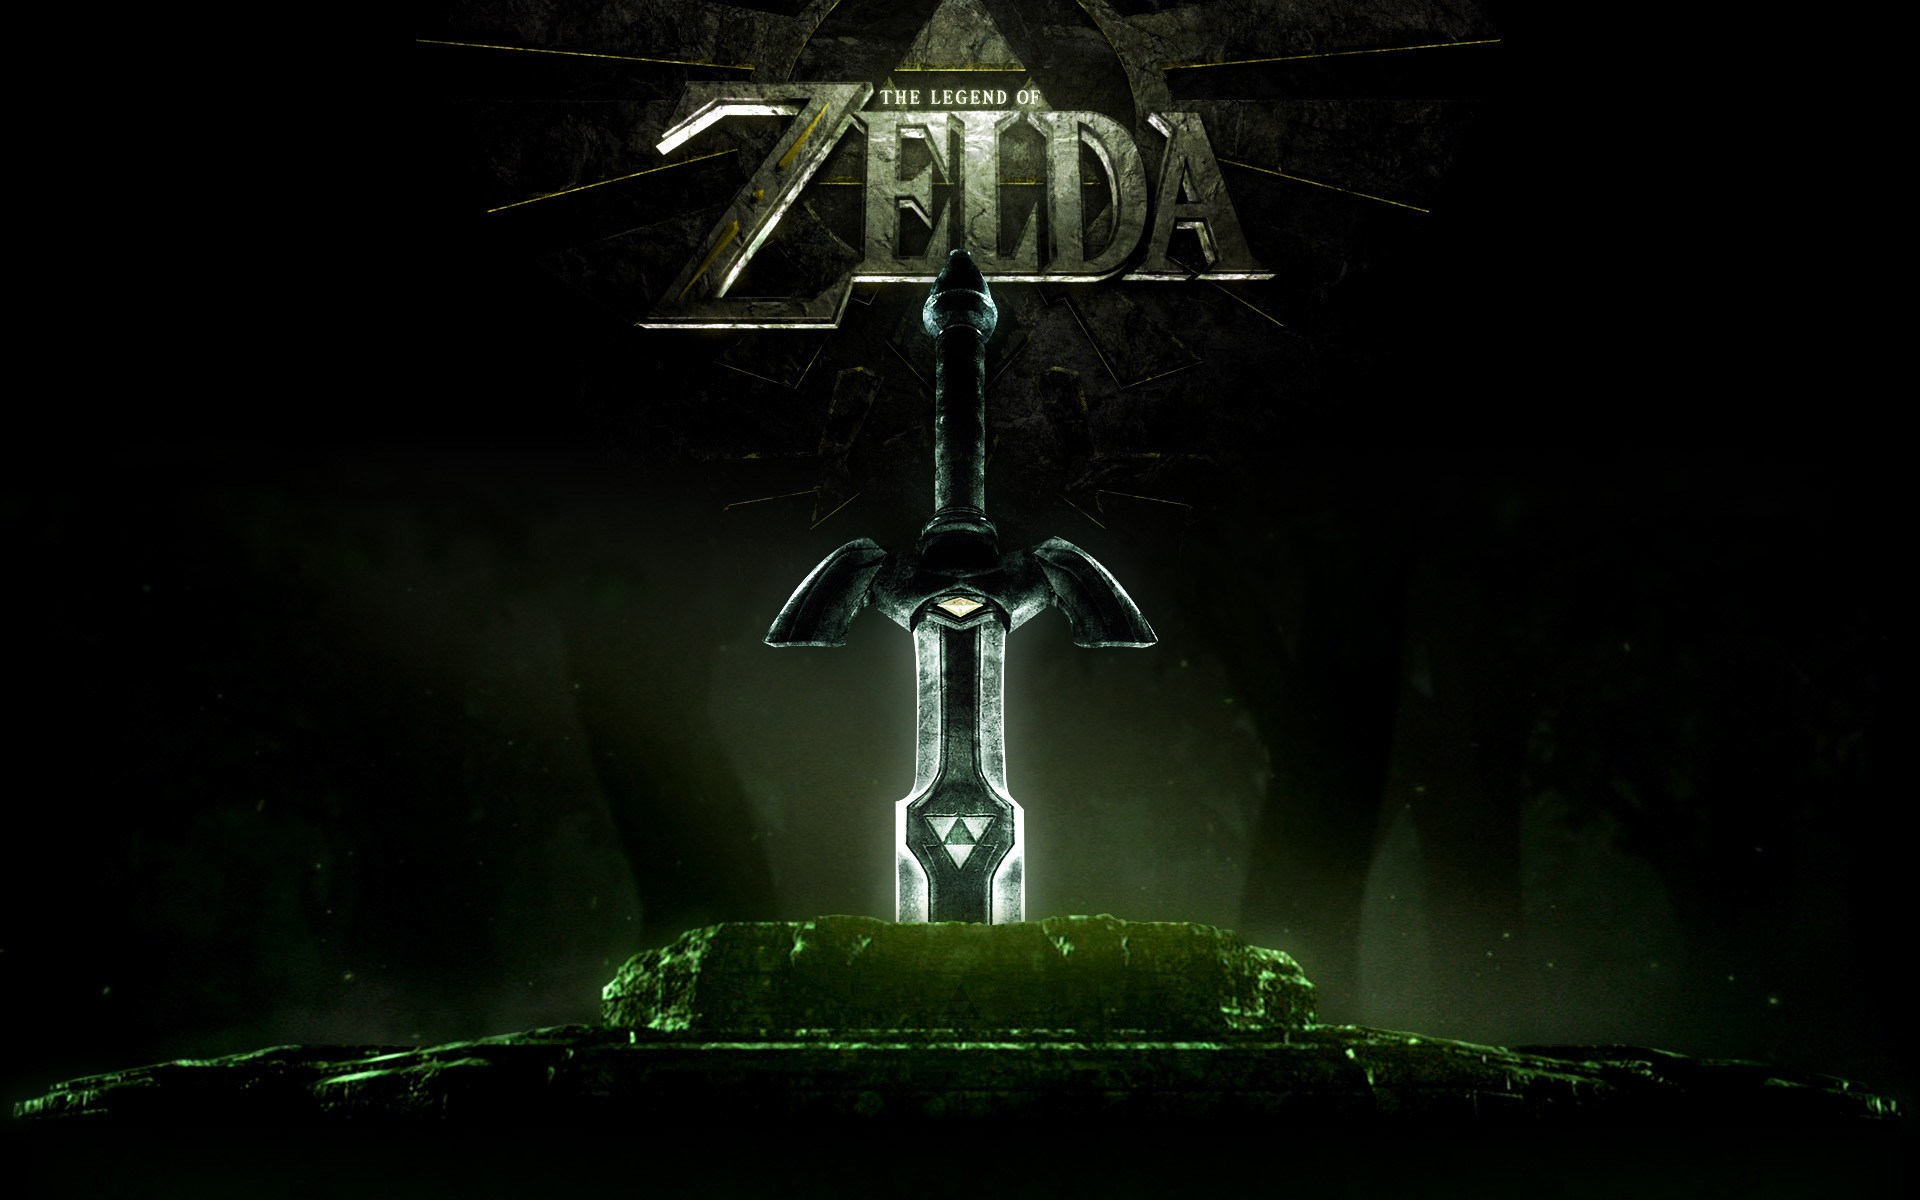 Legend Of Zelda Triforce Wallpaper